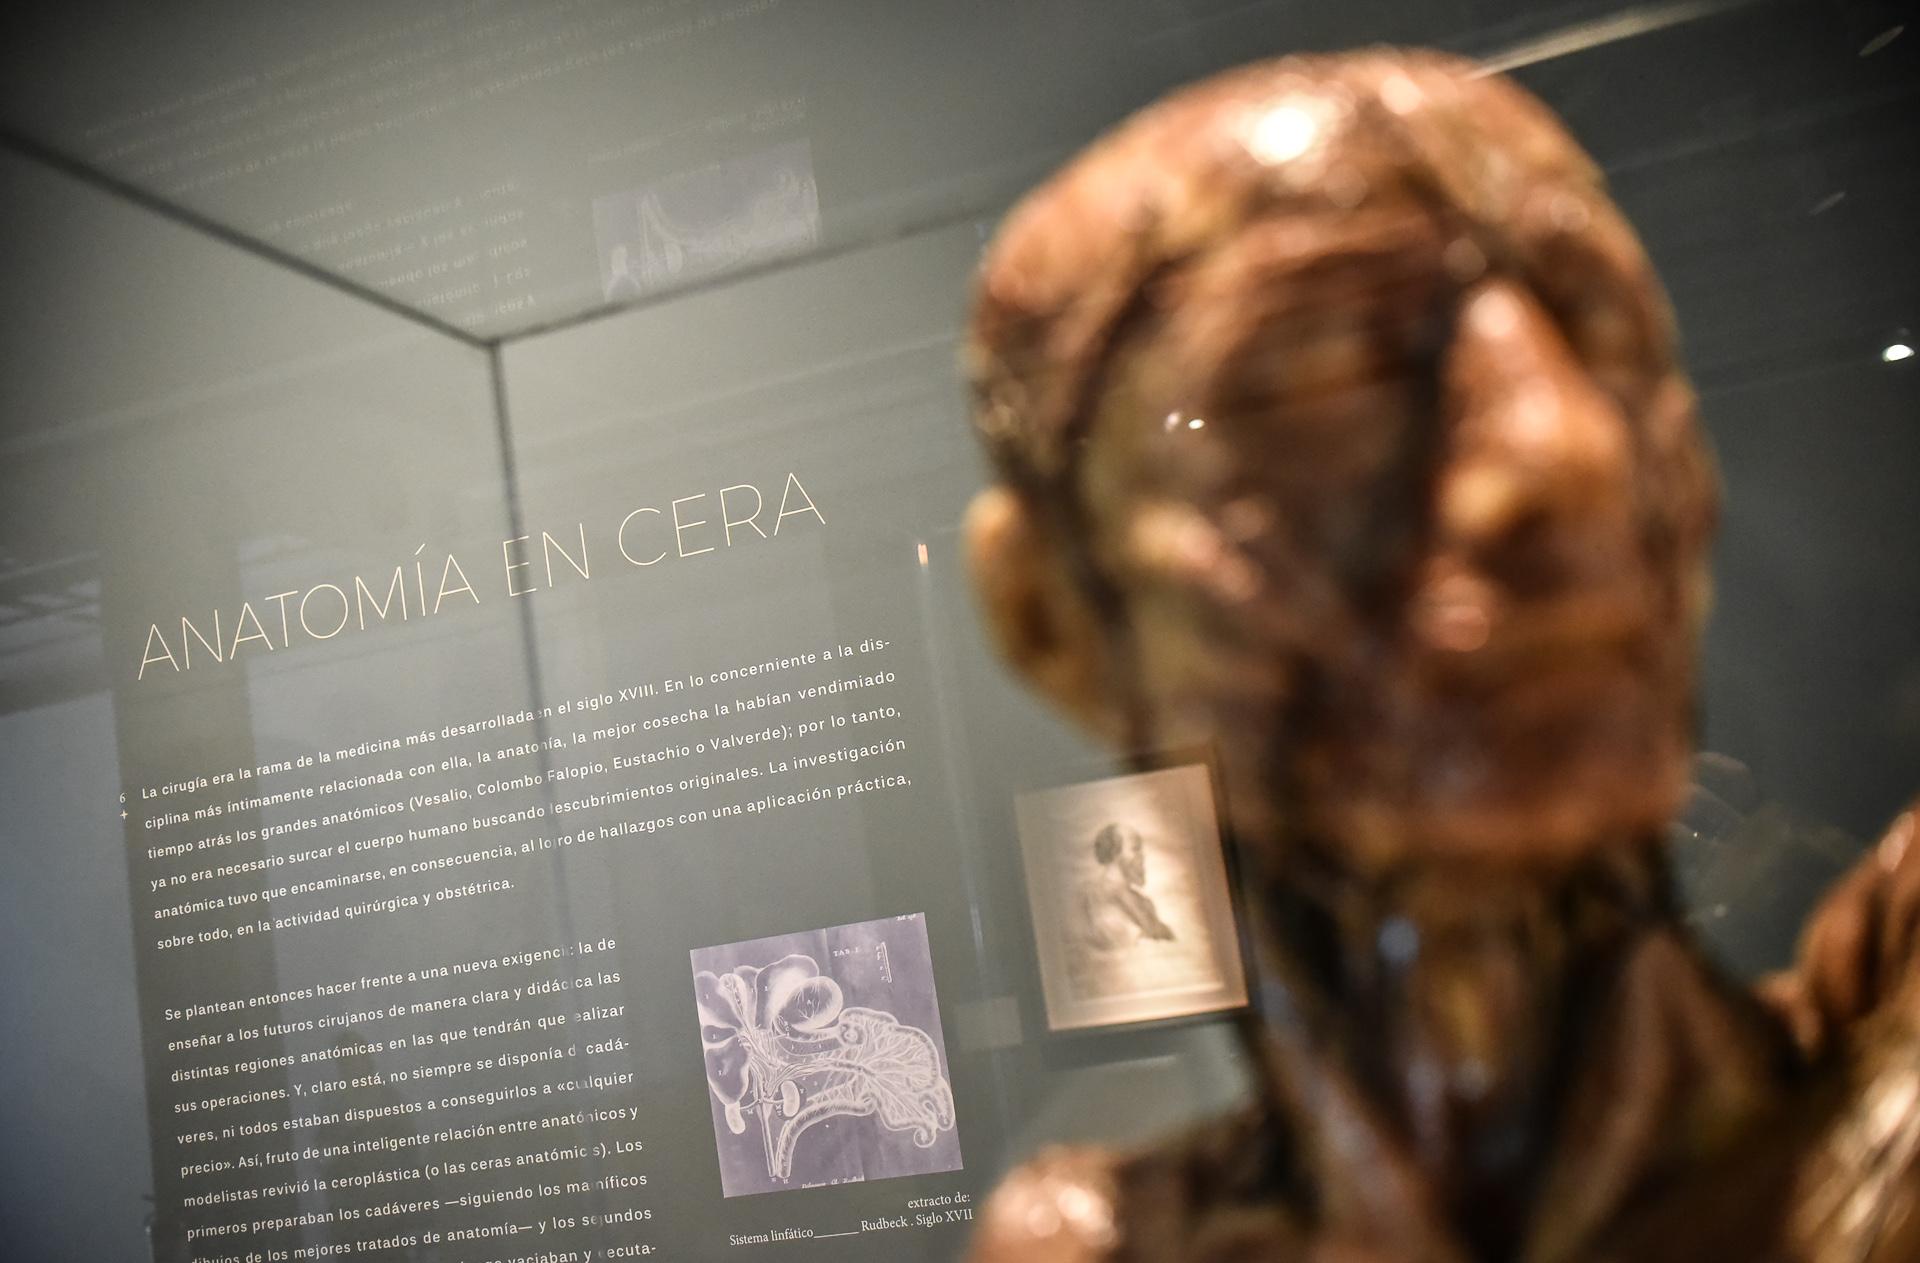 Obstetricia - Arte y Carne: La exposición que detalla la anatomía ...